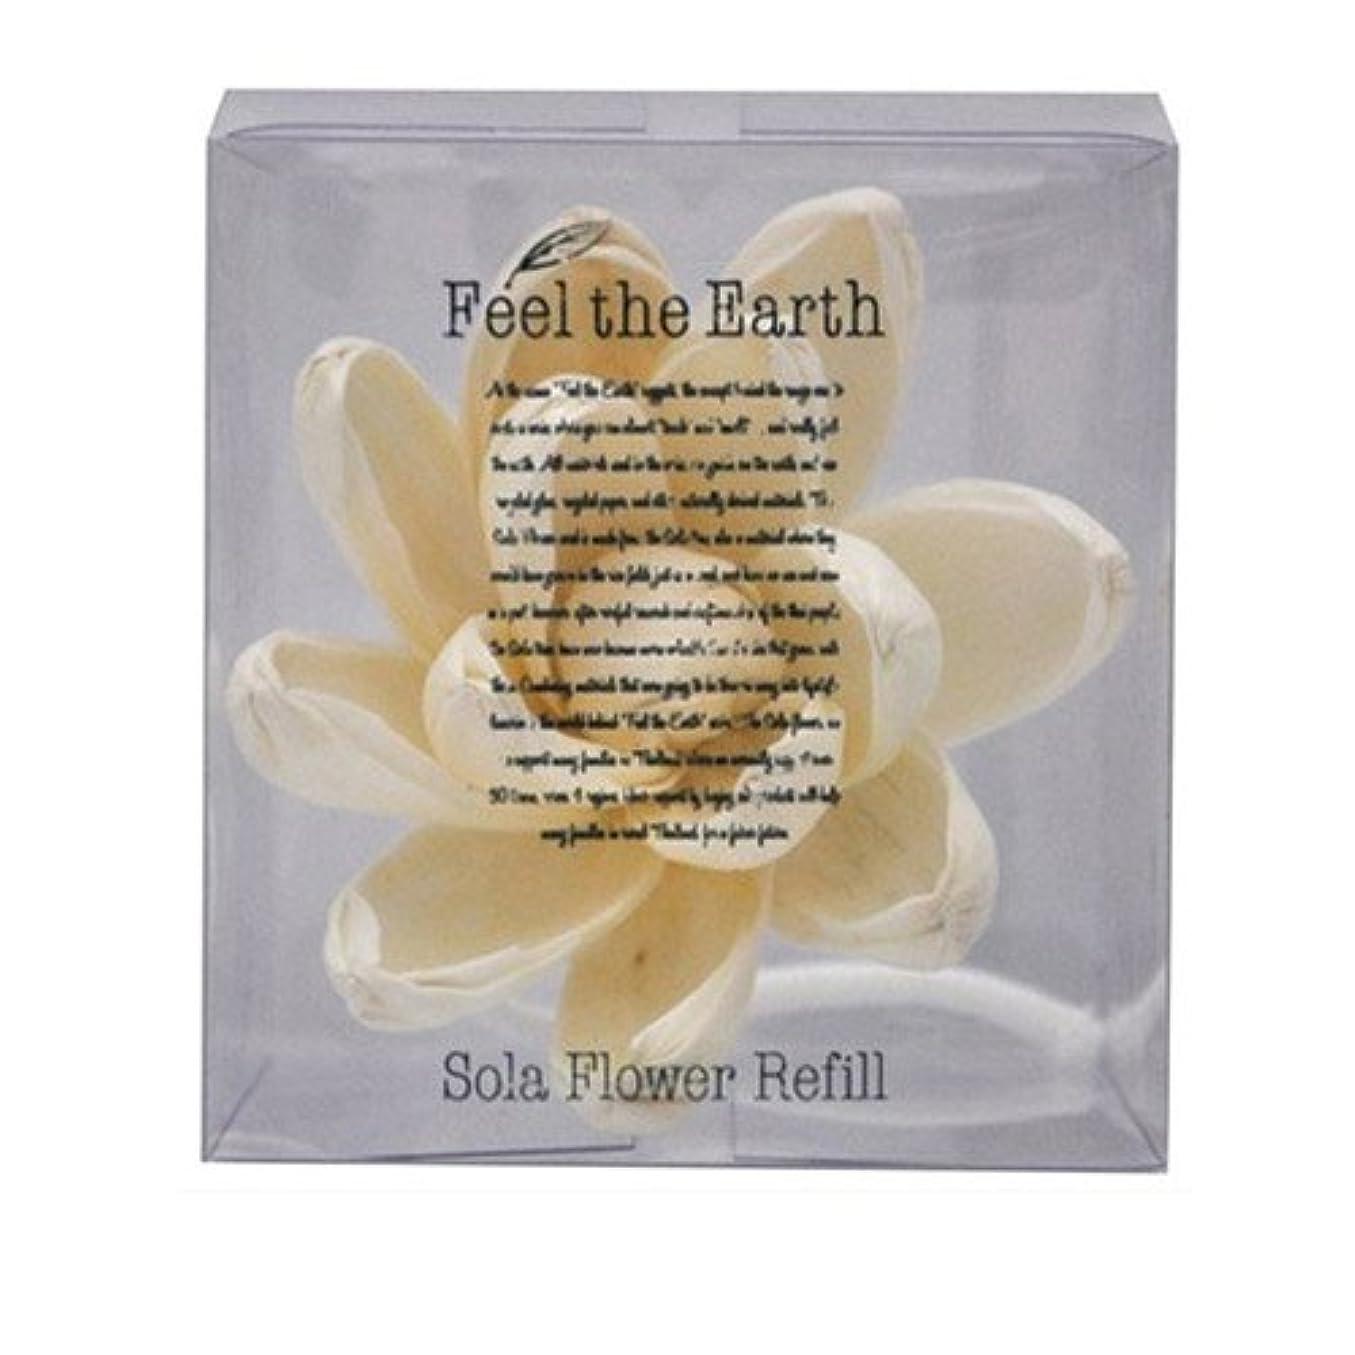 システムサイトラインロケットFEEL THE EARTH ソラフラワー リフィル リリーマグノリア Lily Magnolia フィール ジ アース